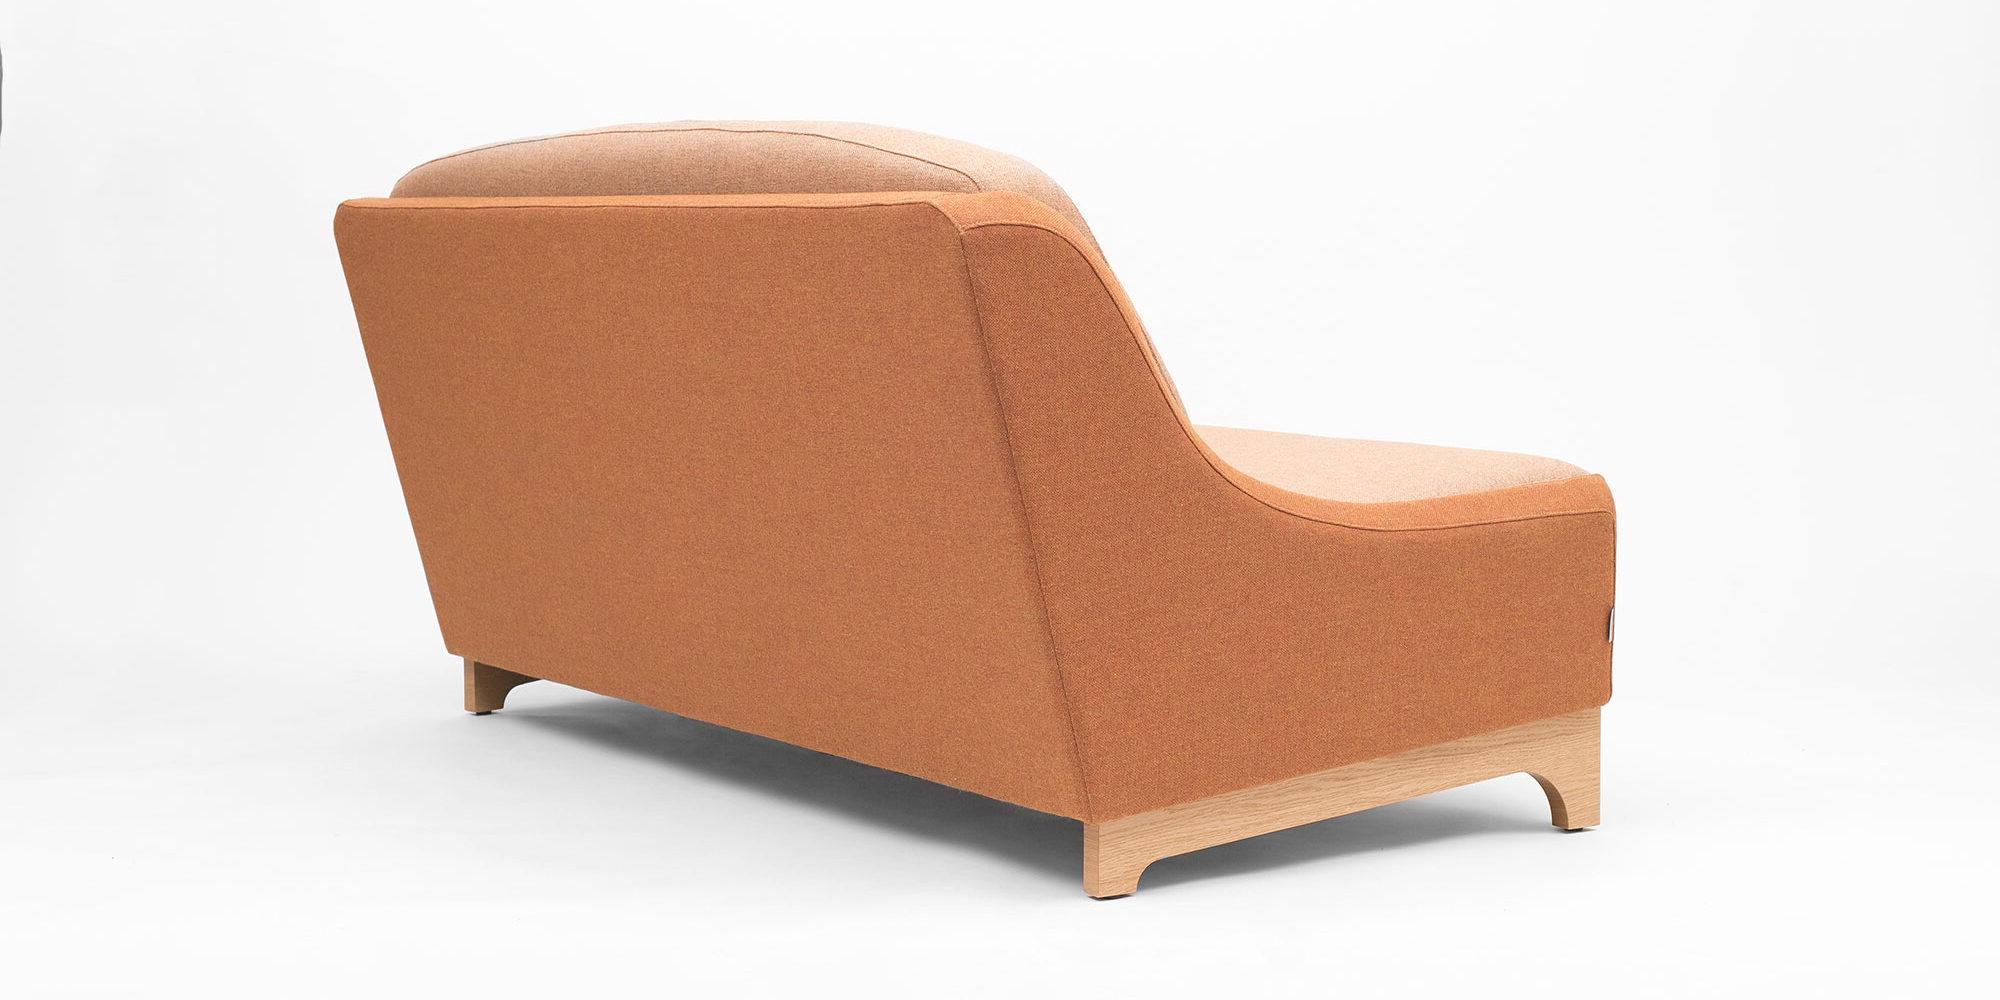 tuul-sofa-5689-2000px